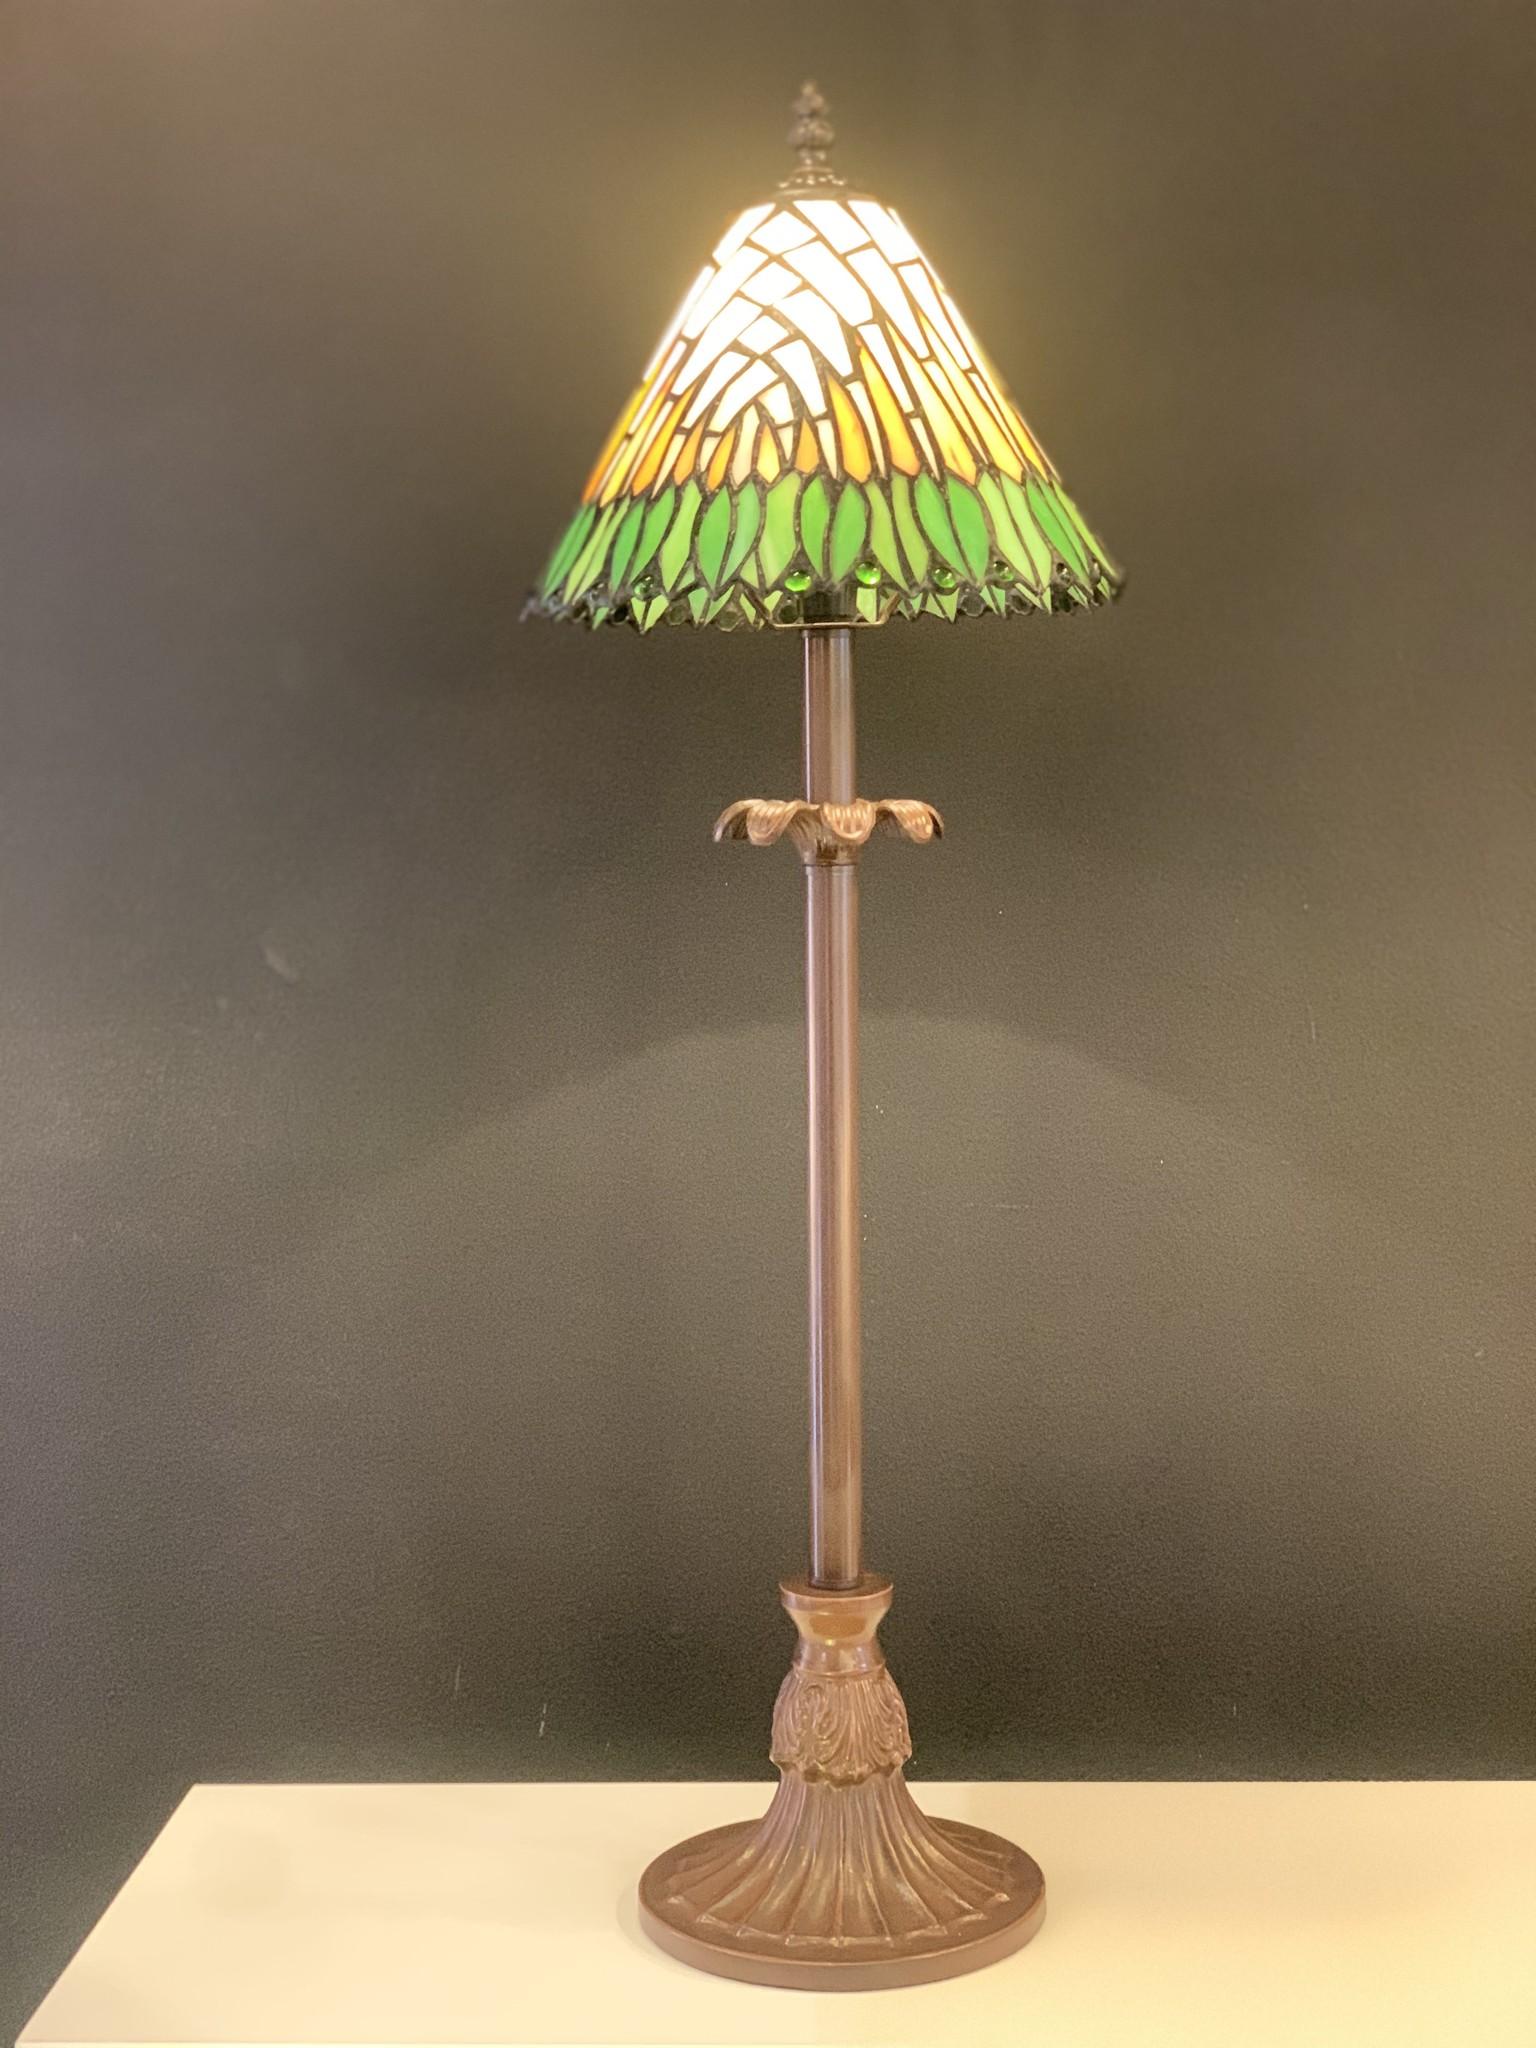 RoMaLux D10095 Tiffany Tafellamp Hoog